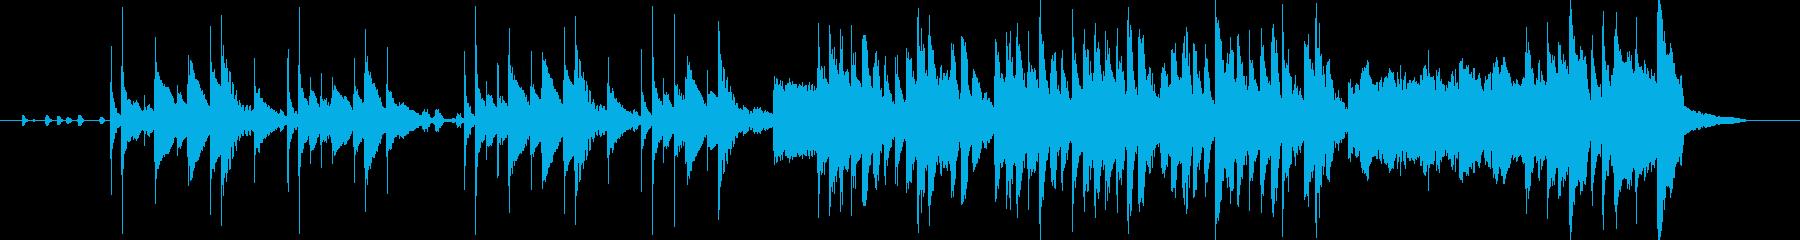 打楽器と電子音の民俗風ジングルの再生済みの波形